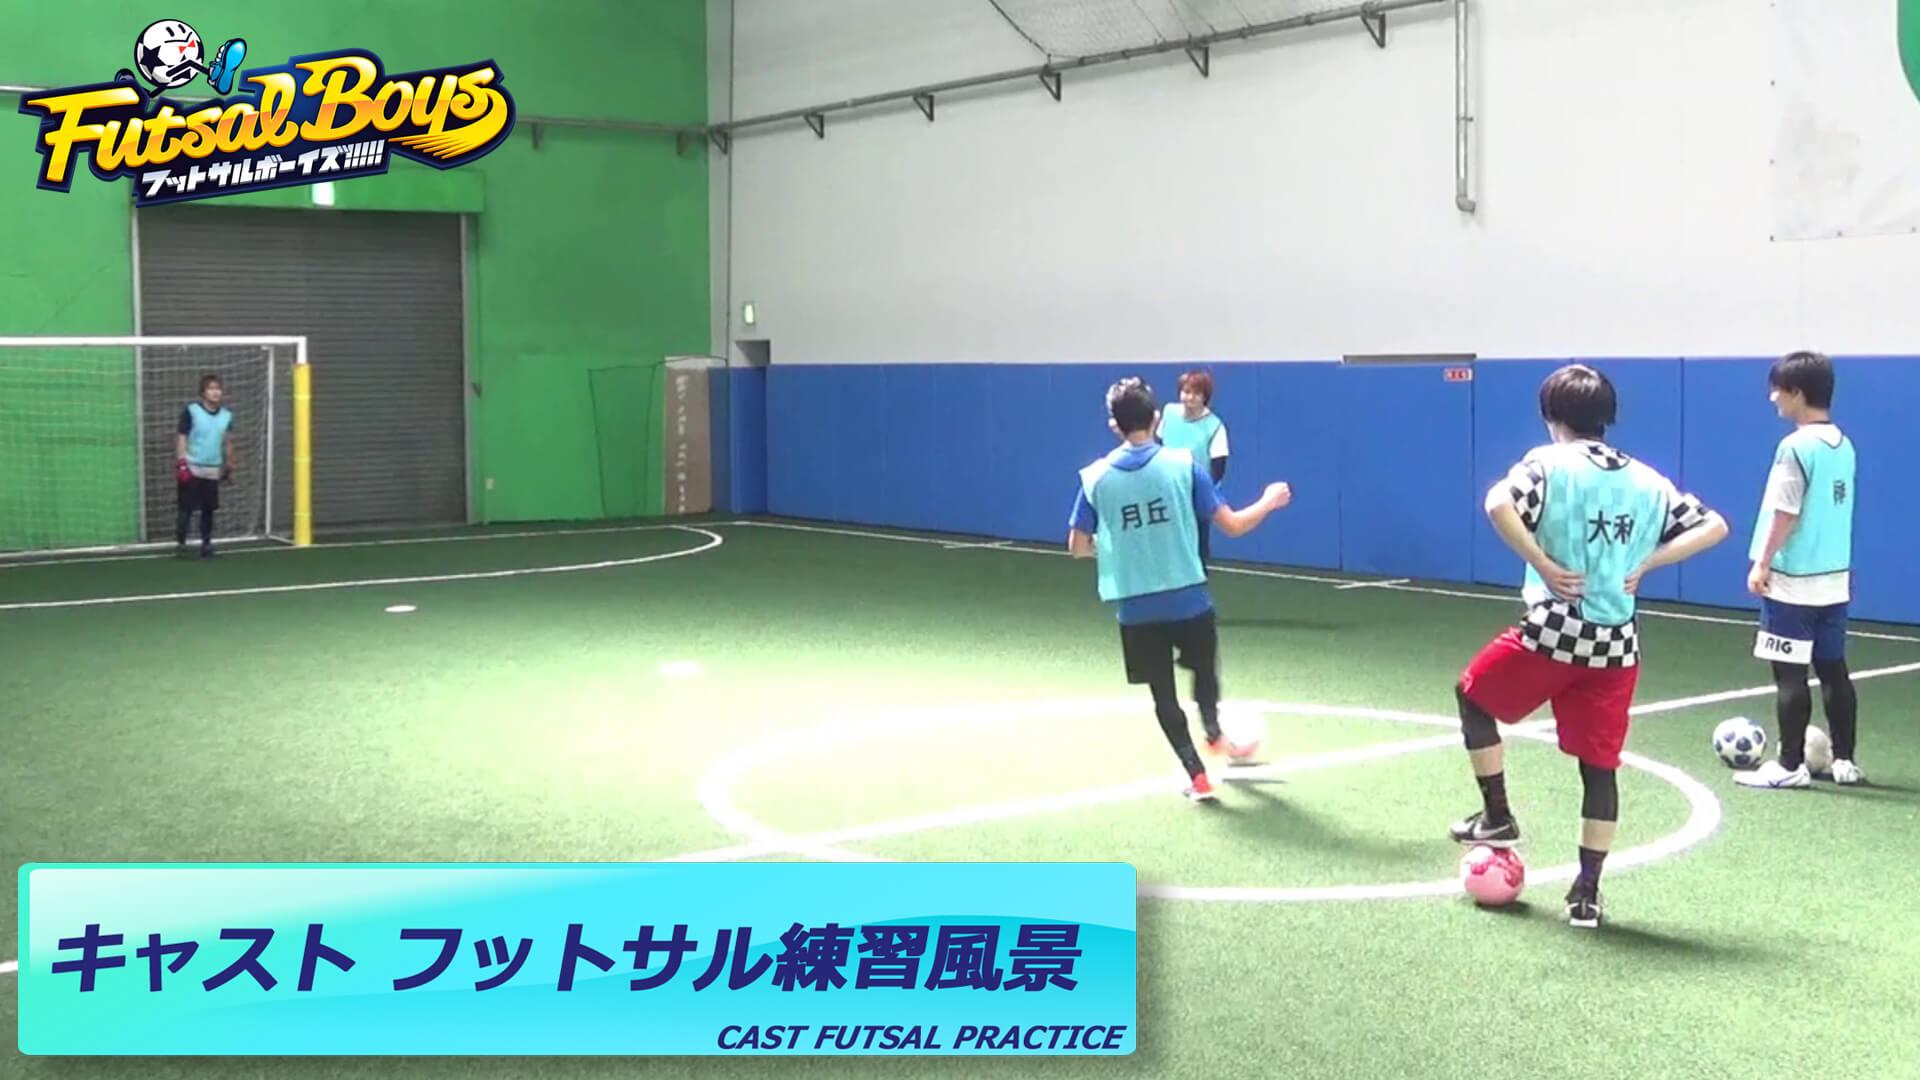 【動画UP】キャストのフットサル練習風景動画UP!